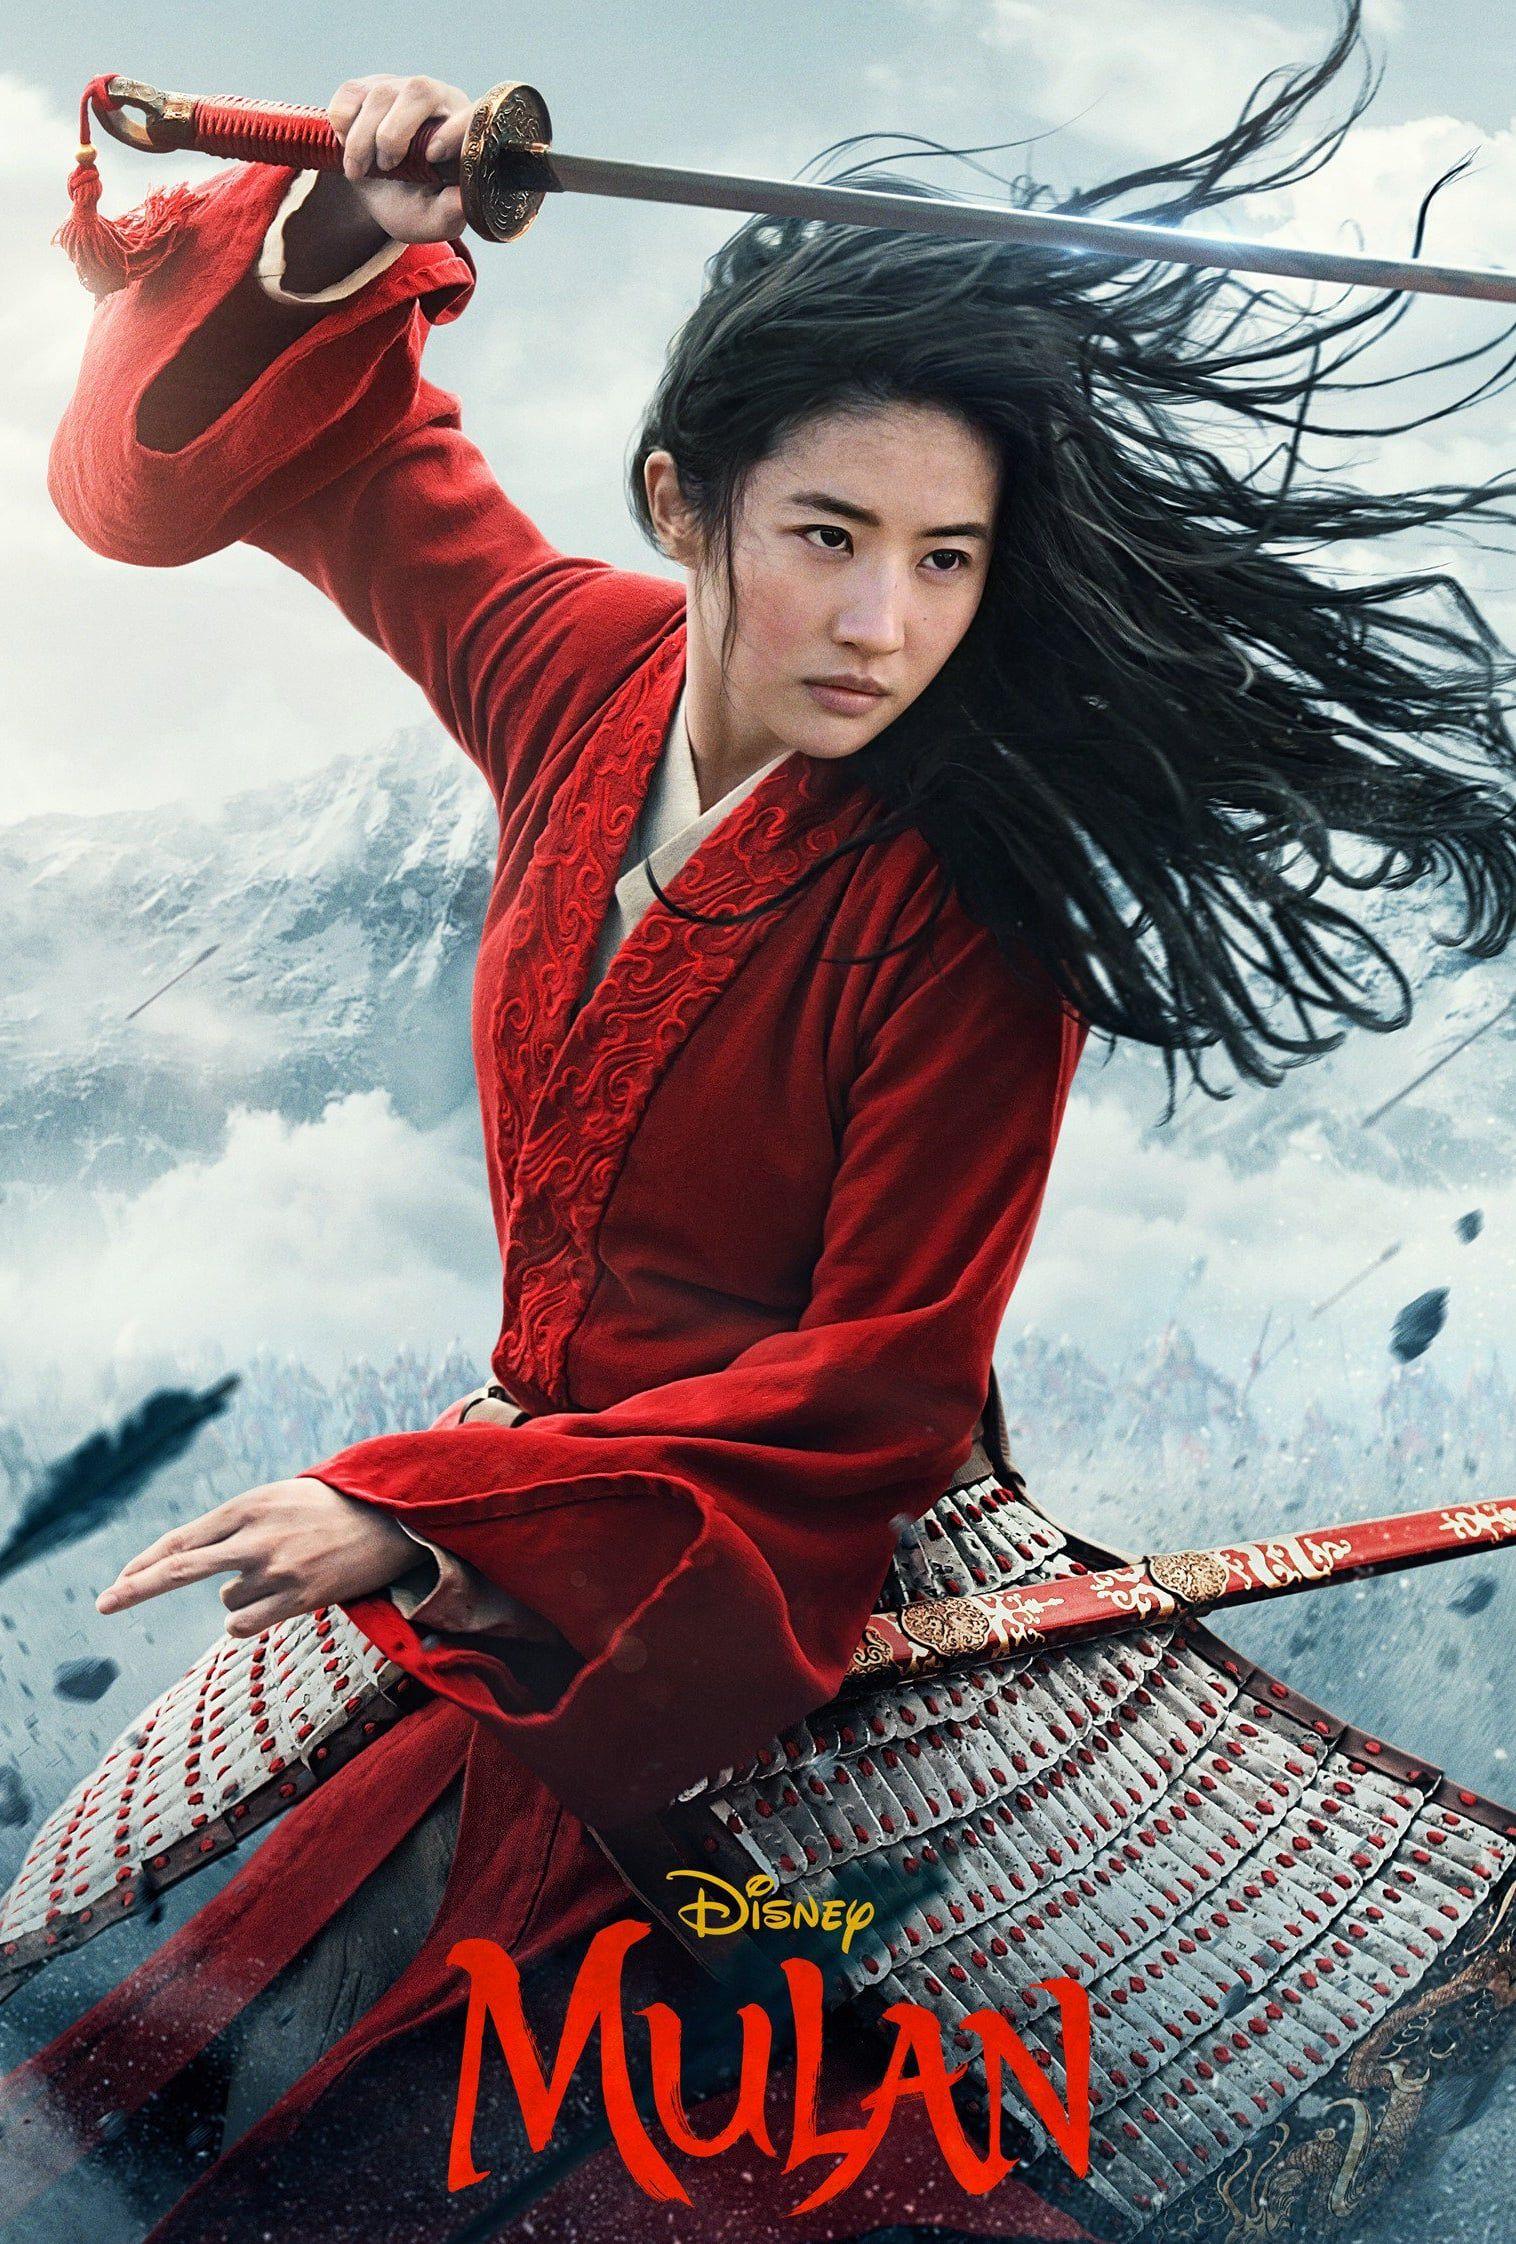 (WATCH MOVIE FULL) Mulan HD Free Download (2020) Filmes